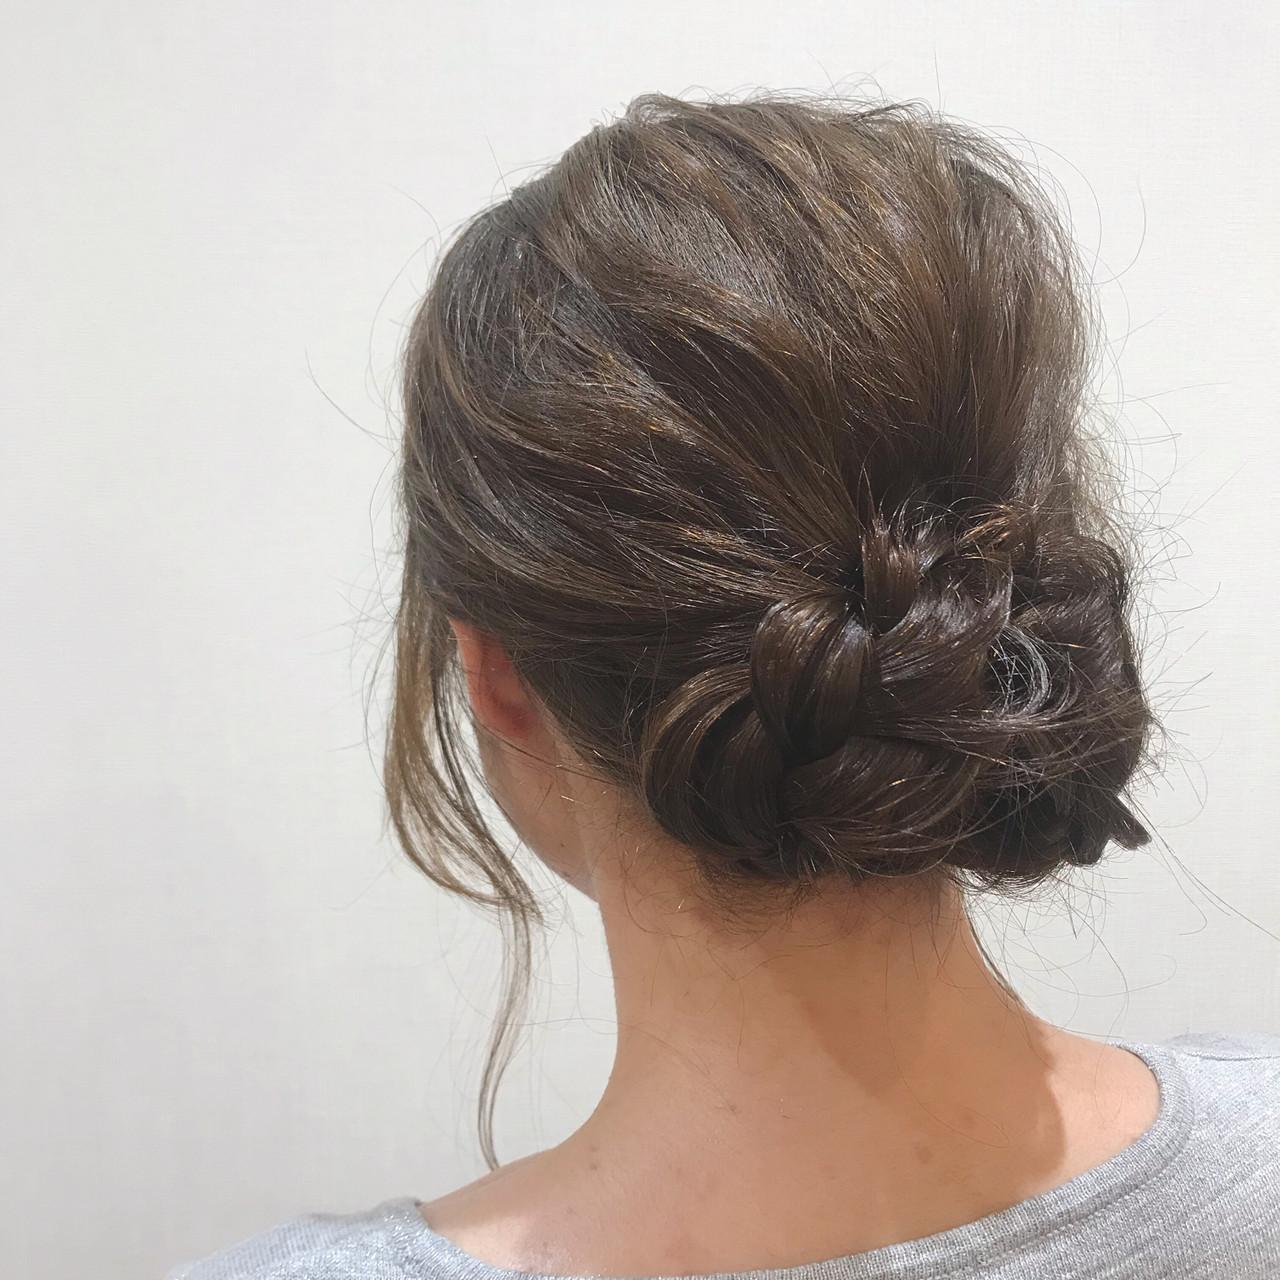 浴衣ヘア 浴衣アレンジ 三つ編み セミロング ヘアスタイルや髪型の写真・画像